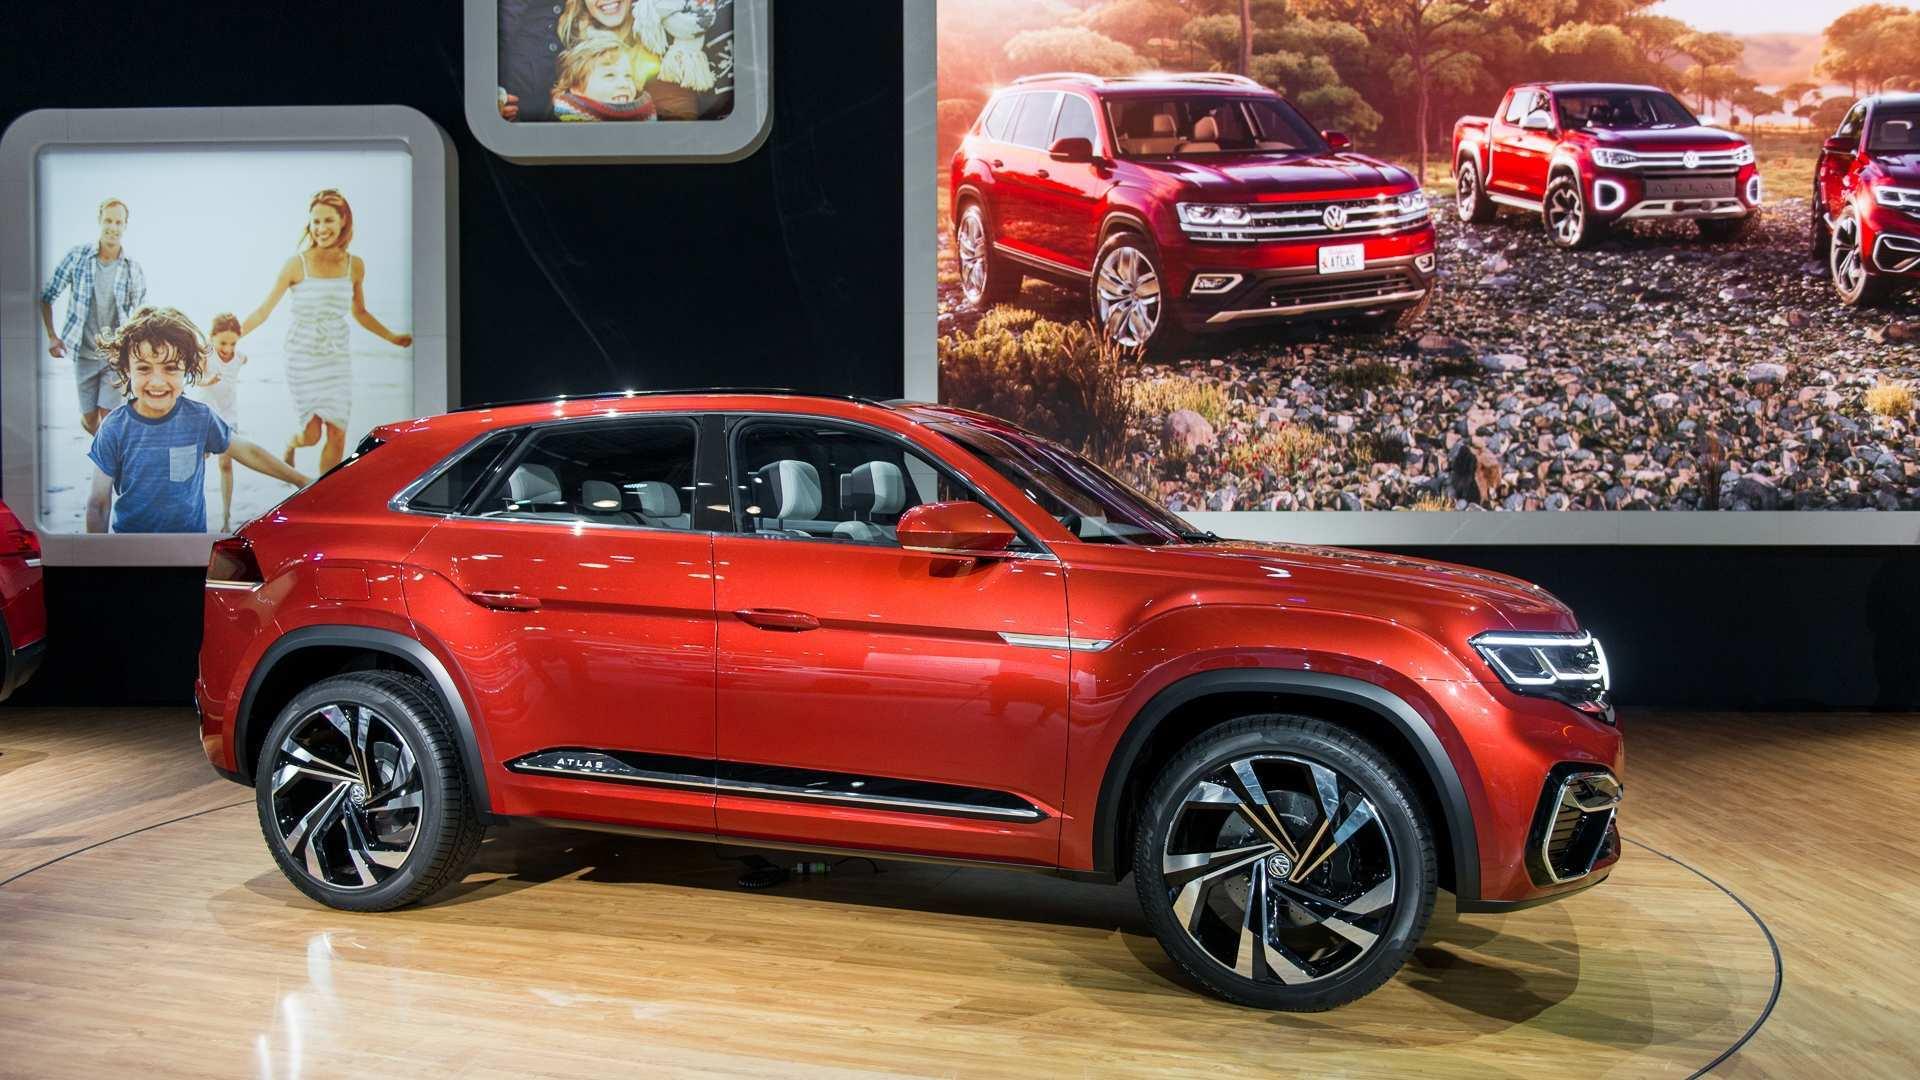 44 Concept of 2020 Volkswagen Cross Interior with 2020 Volkswagen Cross